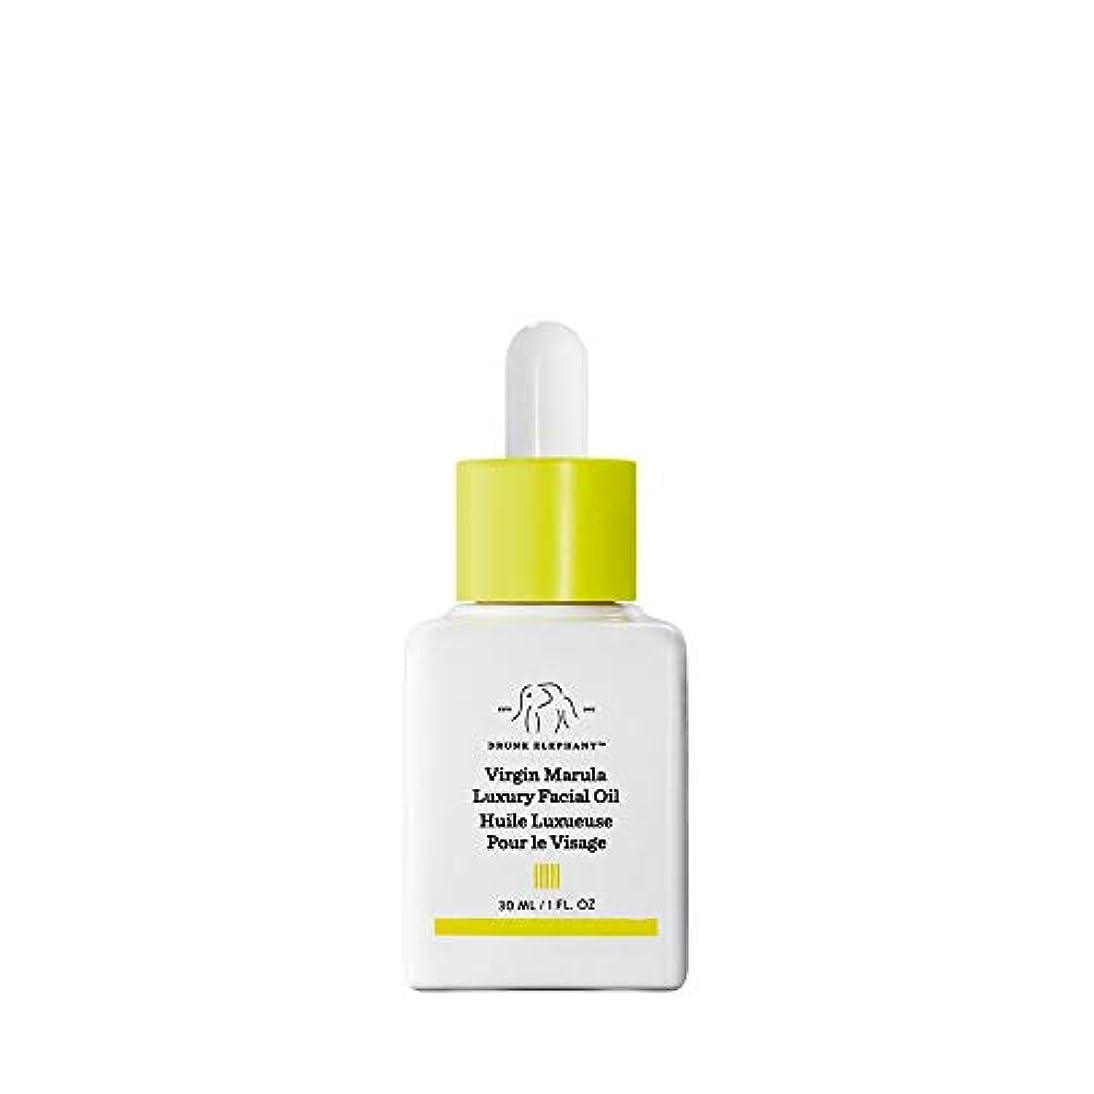 嵐症状物理学者DRUNK ELEPHANT Virgin Marula Luxury Facial Oil 1 oz/ 30 ml ドランクエレファント バージンマルラ ラグジュアリー フェイシャルオイル1 oz/ 30 ml